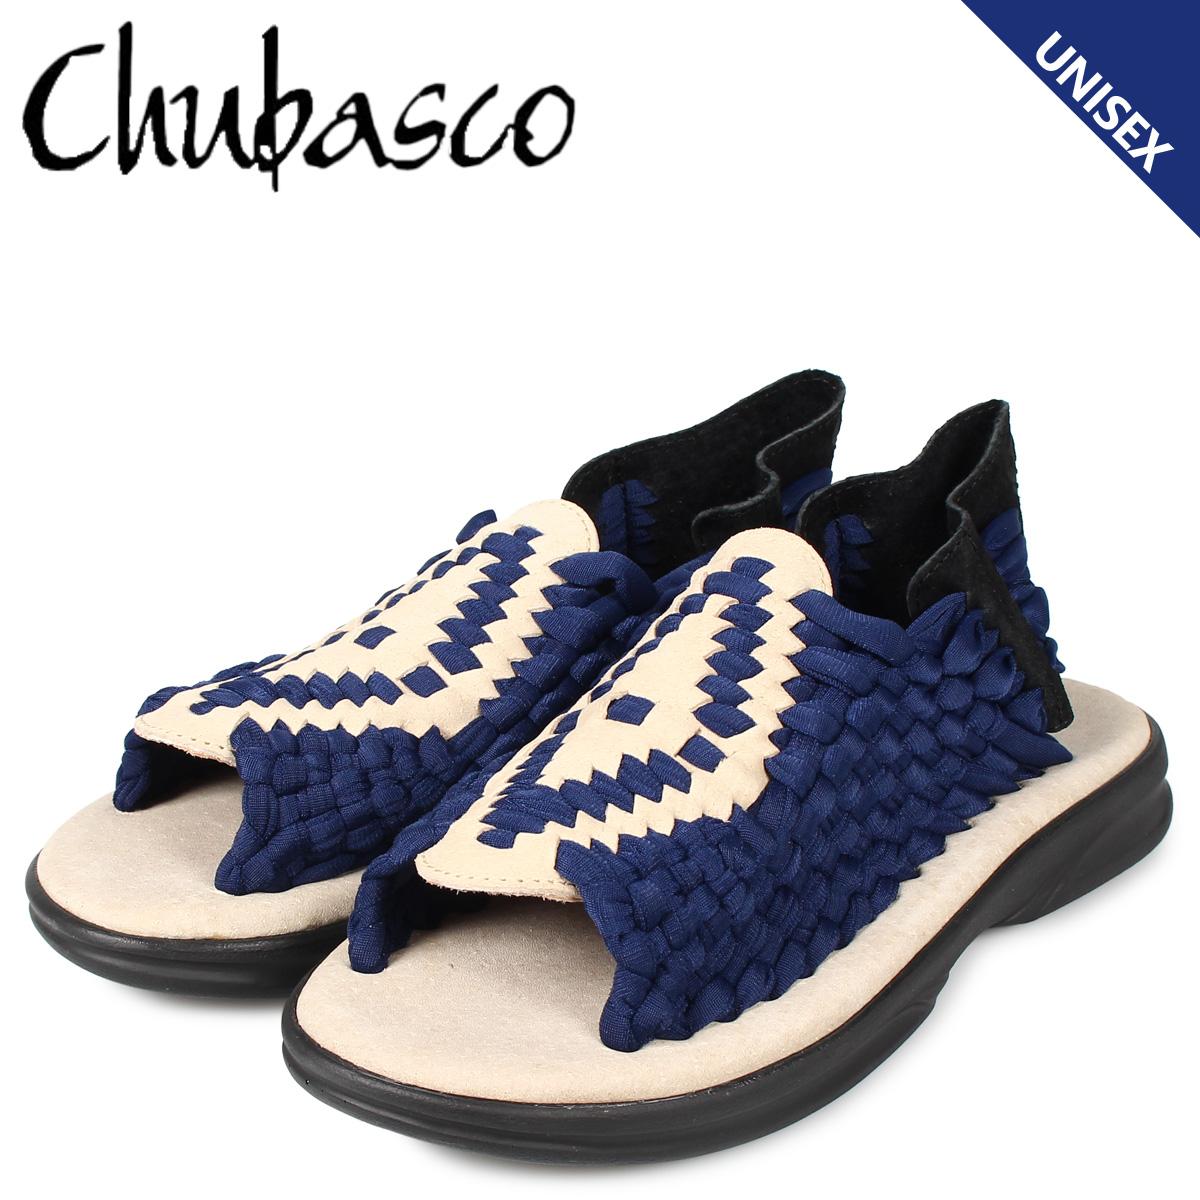 チュバスコ CHUBASCO アズテック サンダル スポーツサンダル メンズ レディース AZTEC ネイビー AZ16020O